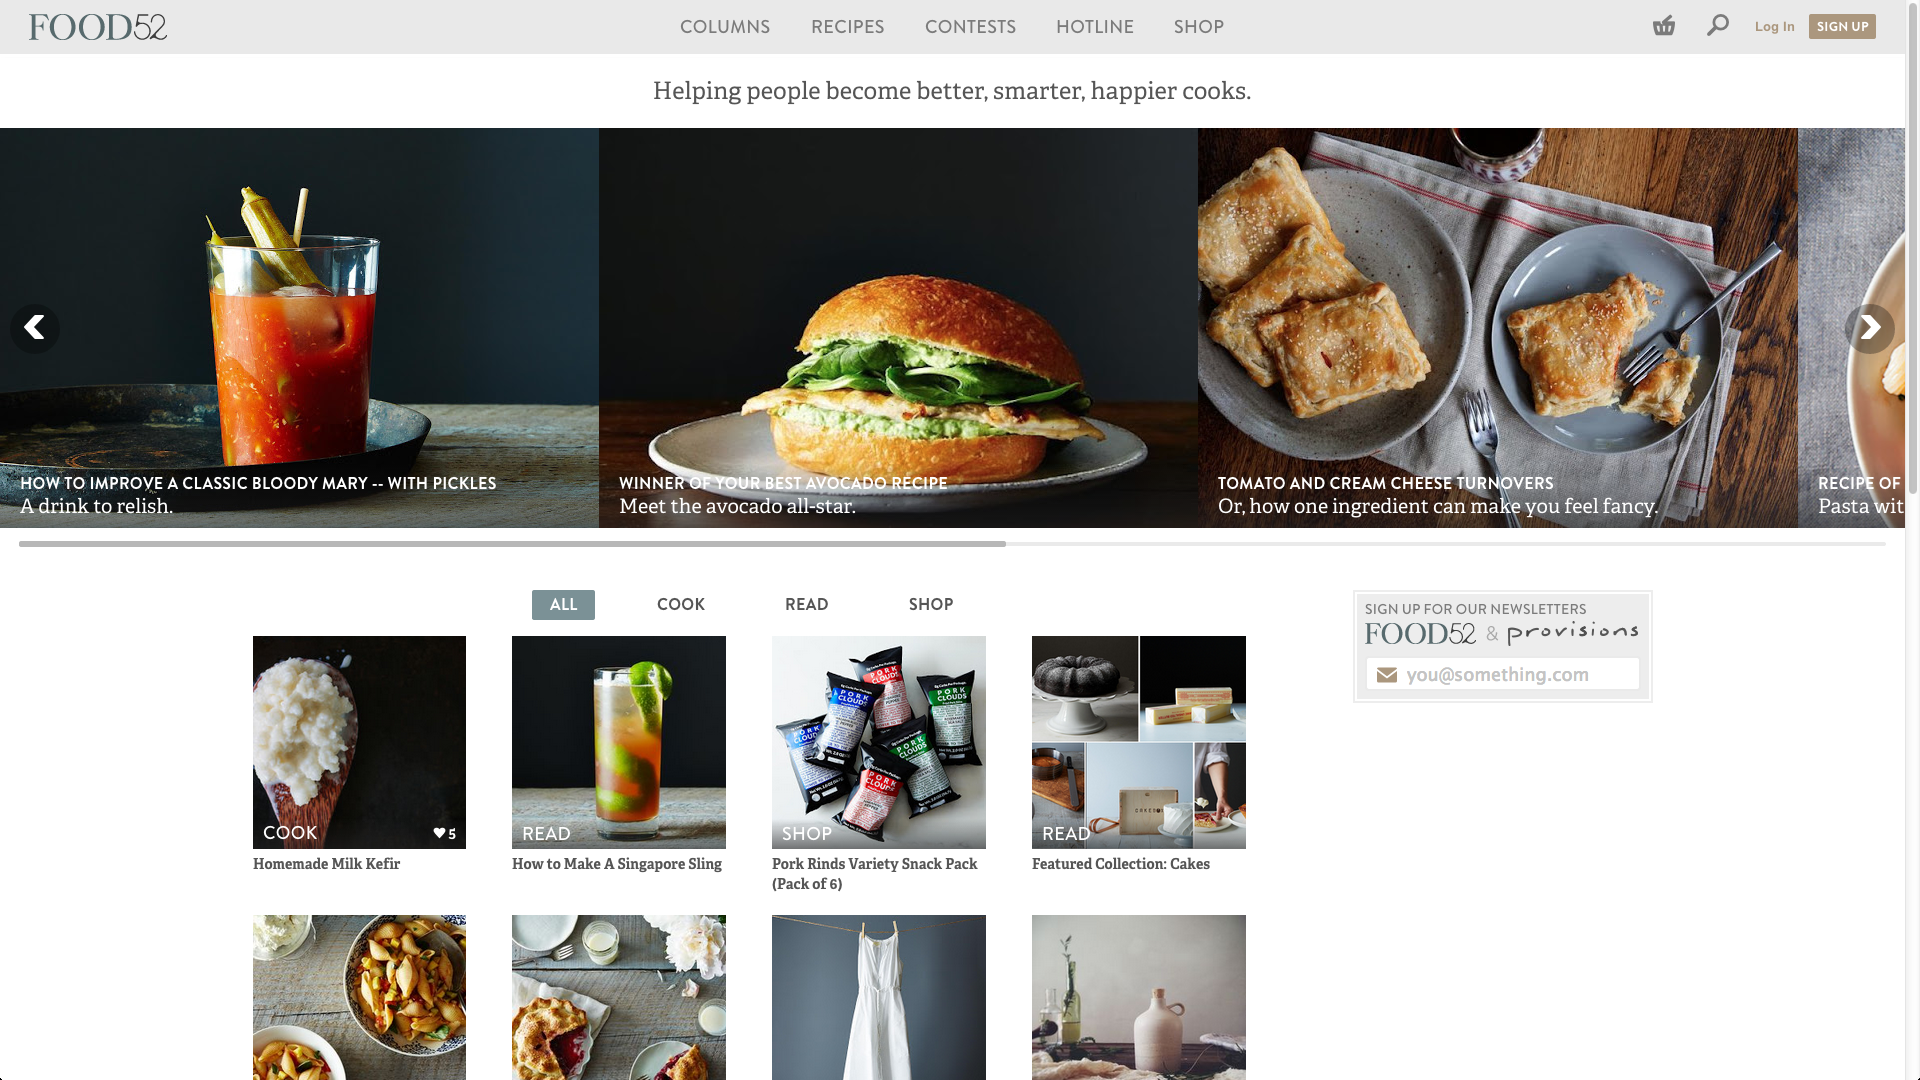 Food52's homepage.